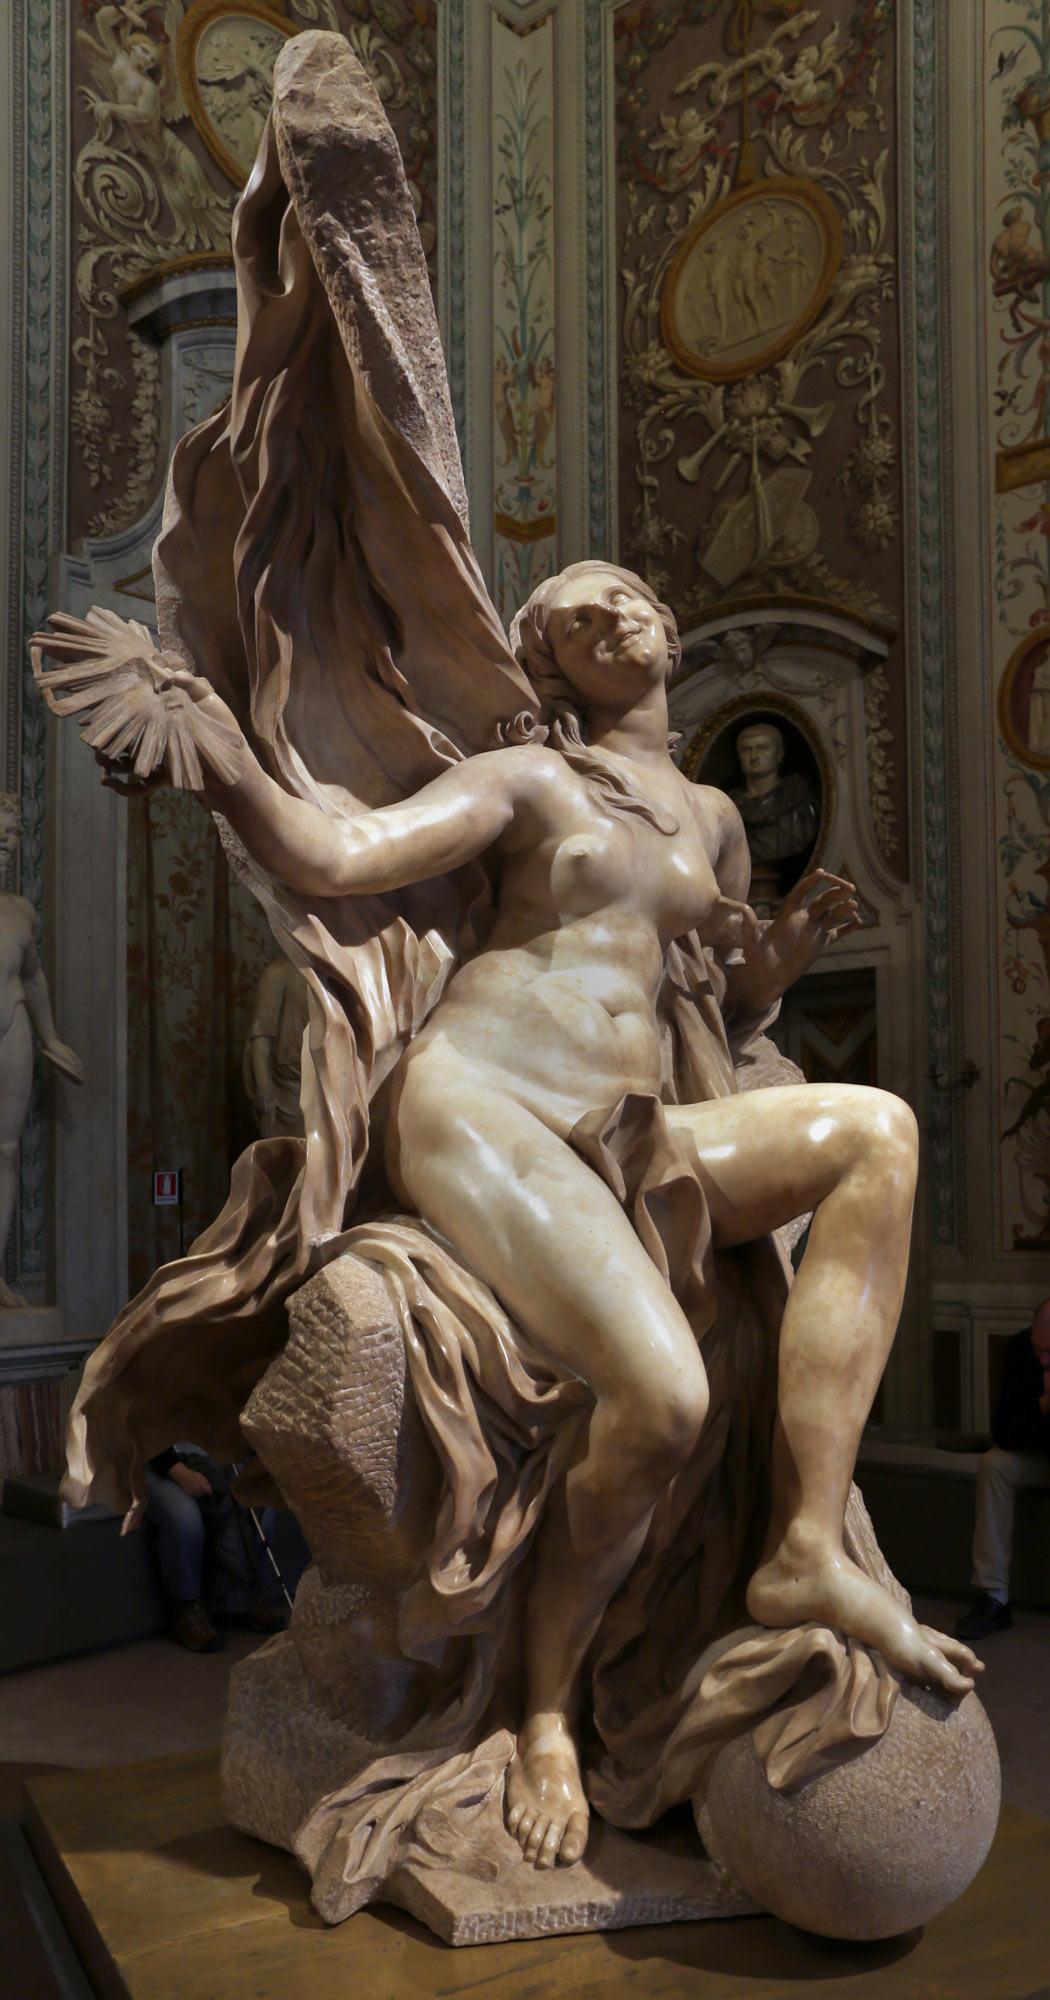 Gian Lorenzo Bernini, La Verità svelata dal Tempo, dettaglio. Ph. Credit Francesco Bini